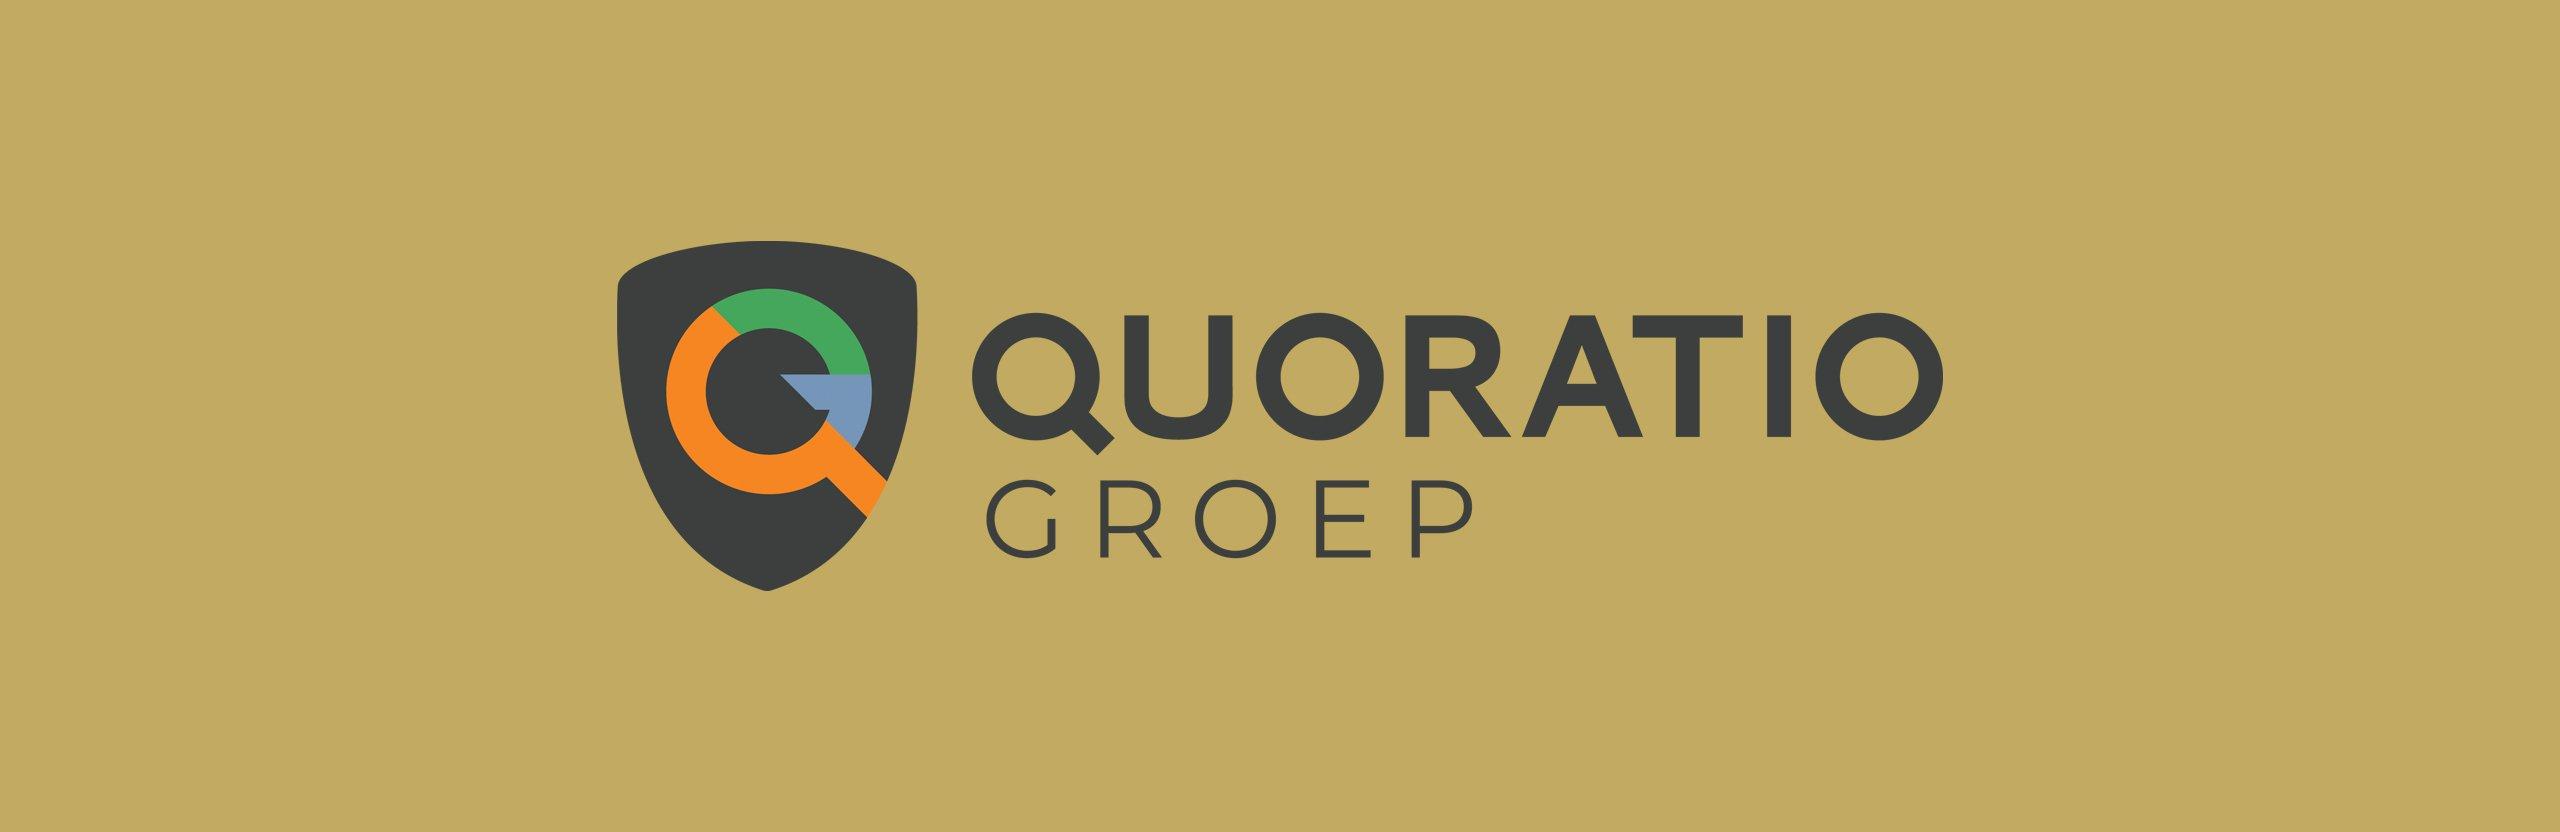 2020_quoratio-groep_header_logo